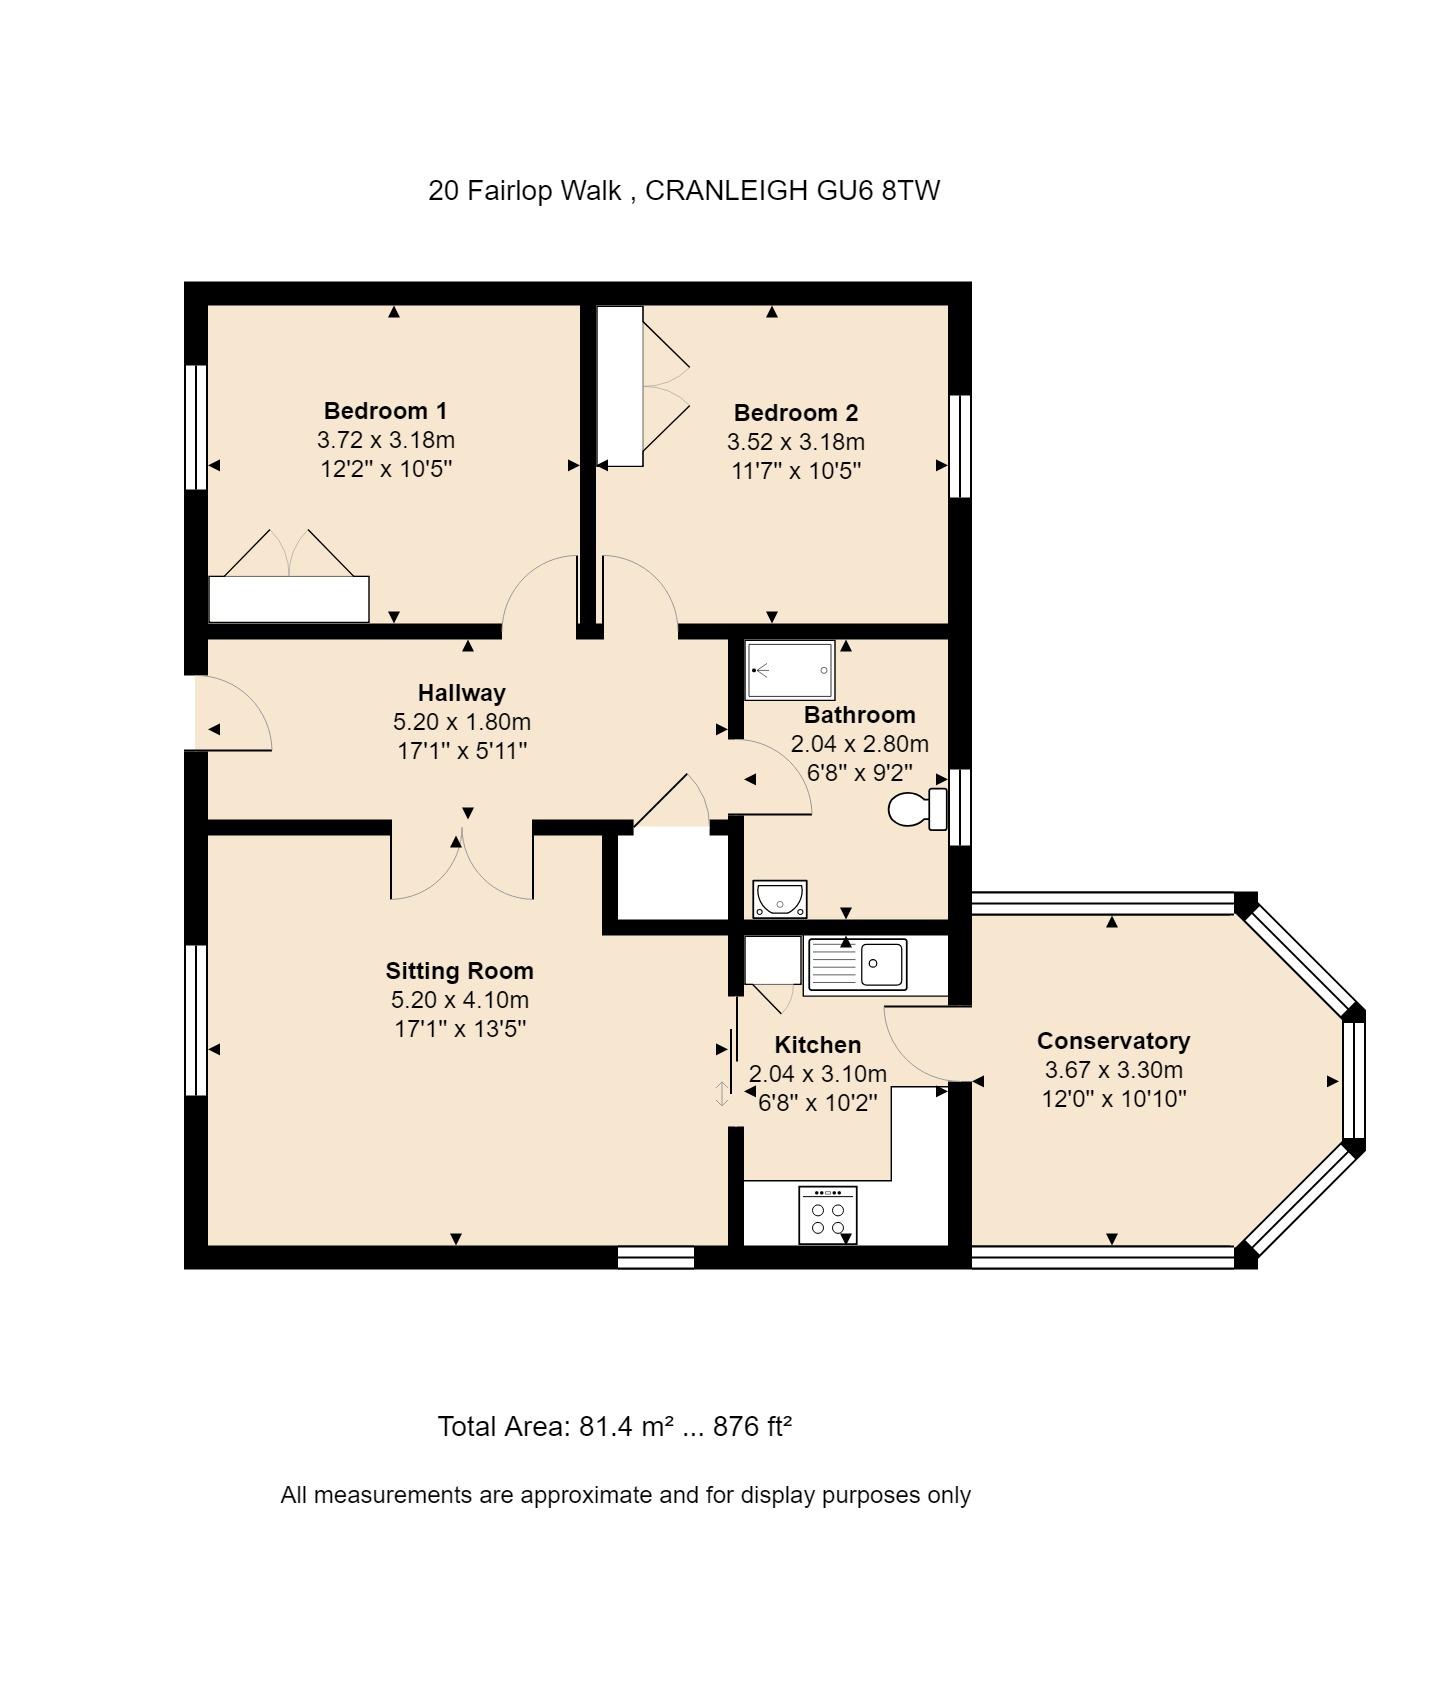 20 Fairlop Walk Floorplan